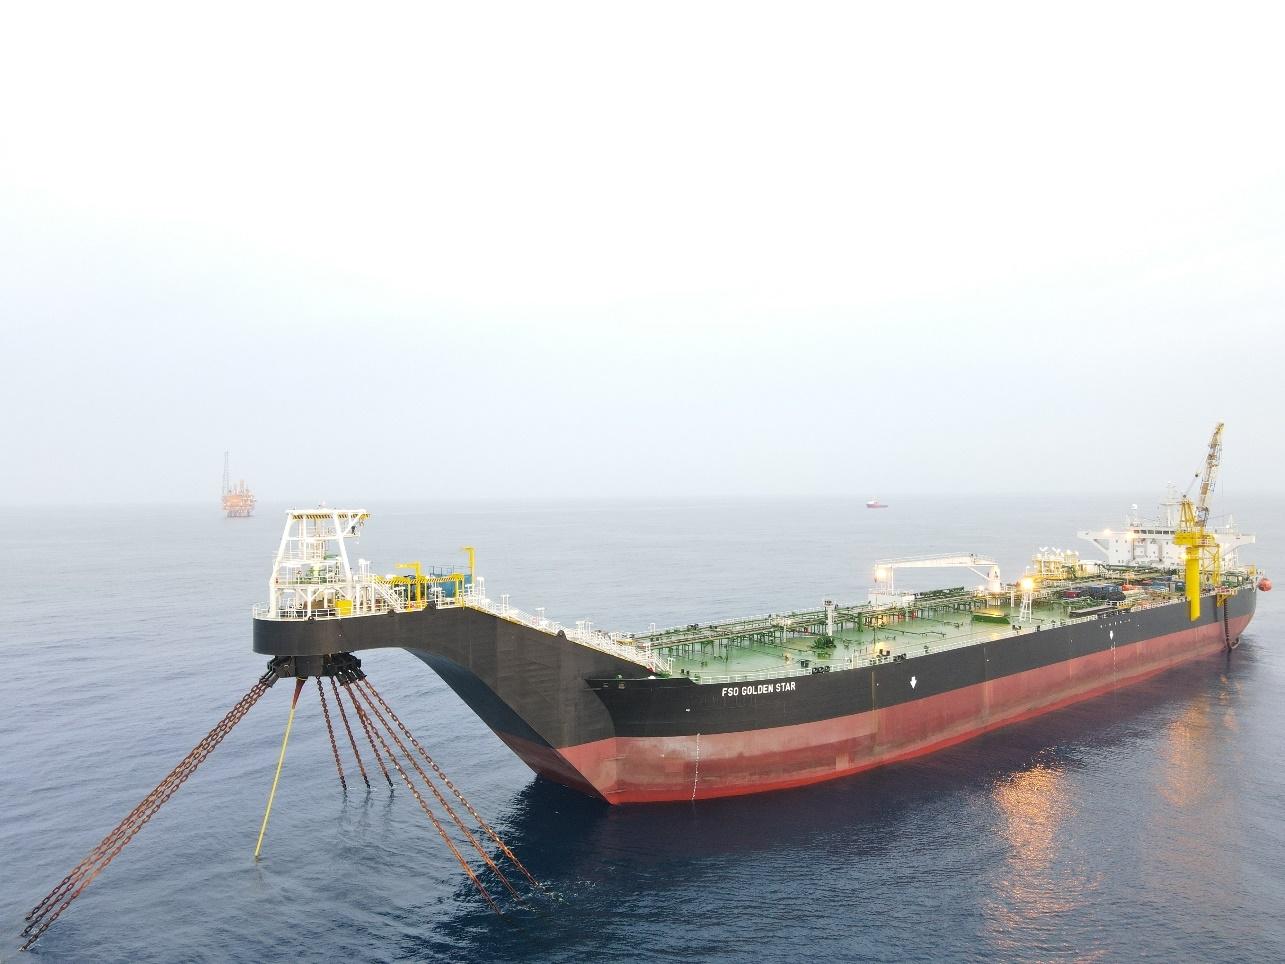 Kho nổi FSO Golden Star được lắp đặt thành công tại mỏ Sao Vàng